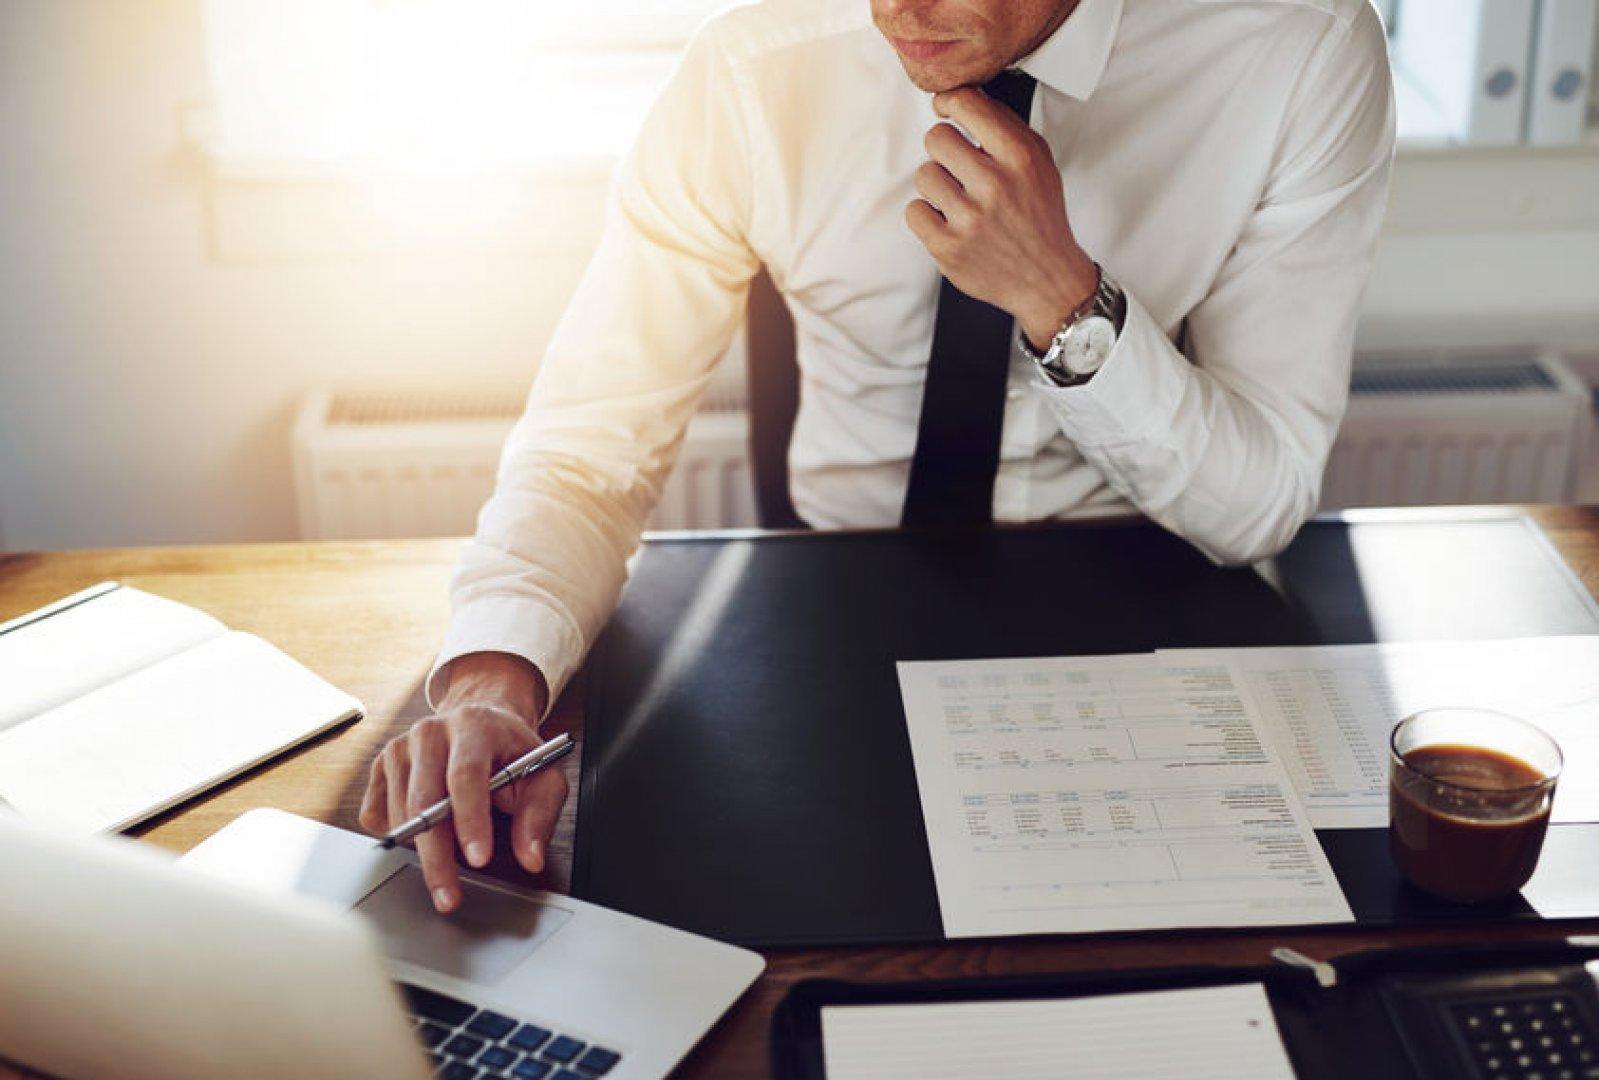 Основатель ООО не вправе пользоваться бюджетом для личных целей